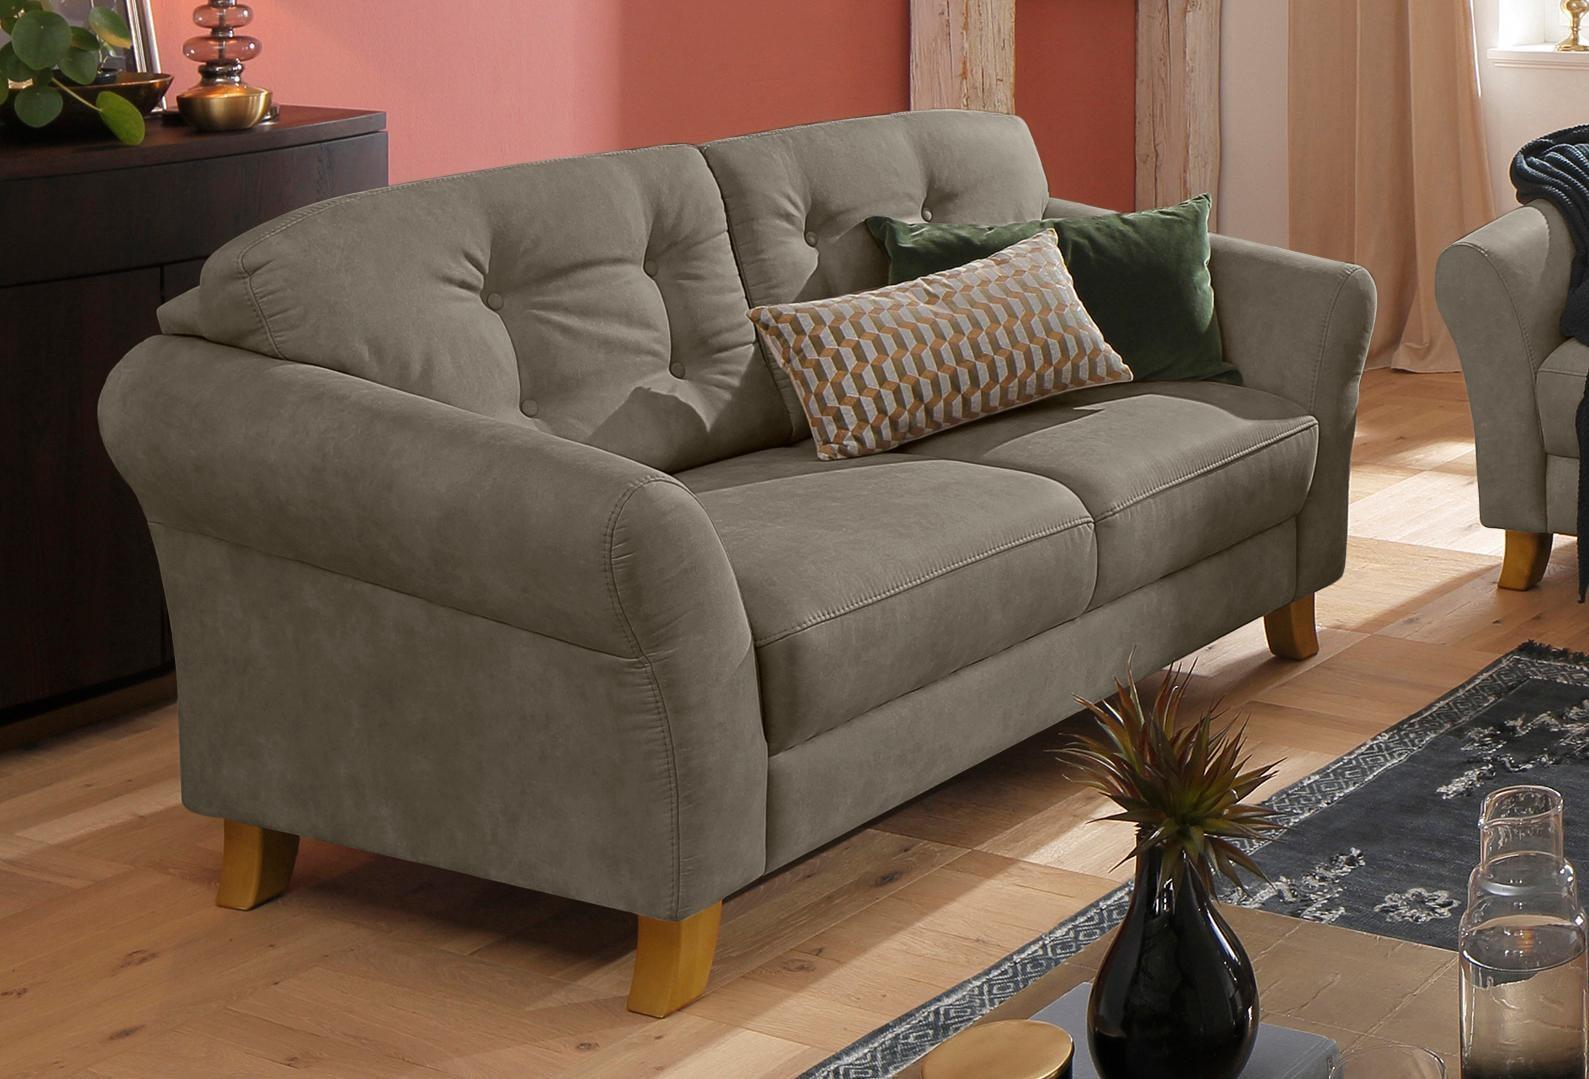 3 sitzer sofa mit federkern, microfaser 2 & 3 sitzer sofas online kaufen | möbel-suchmaschine, Design ideen